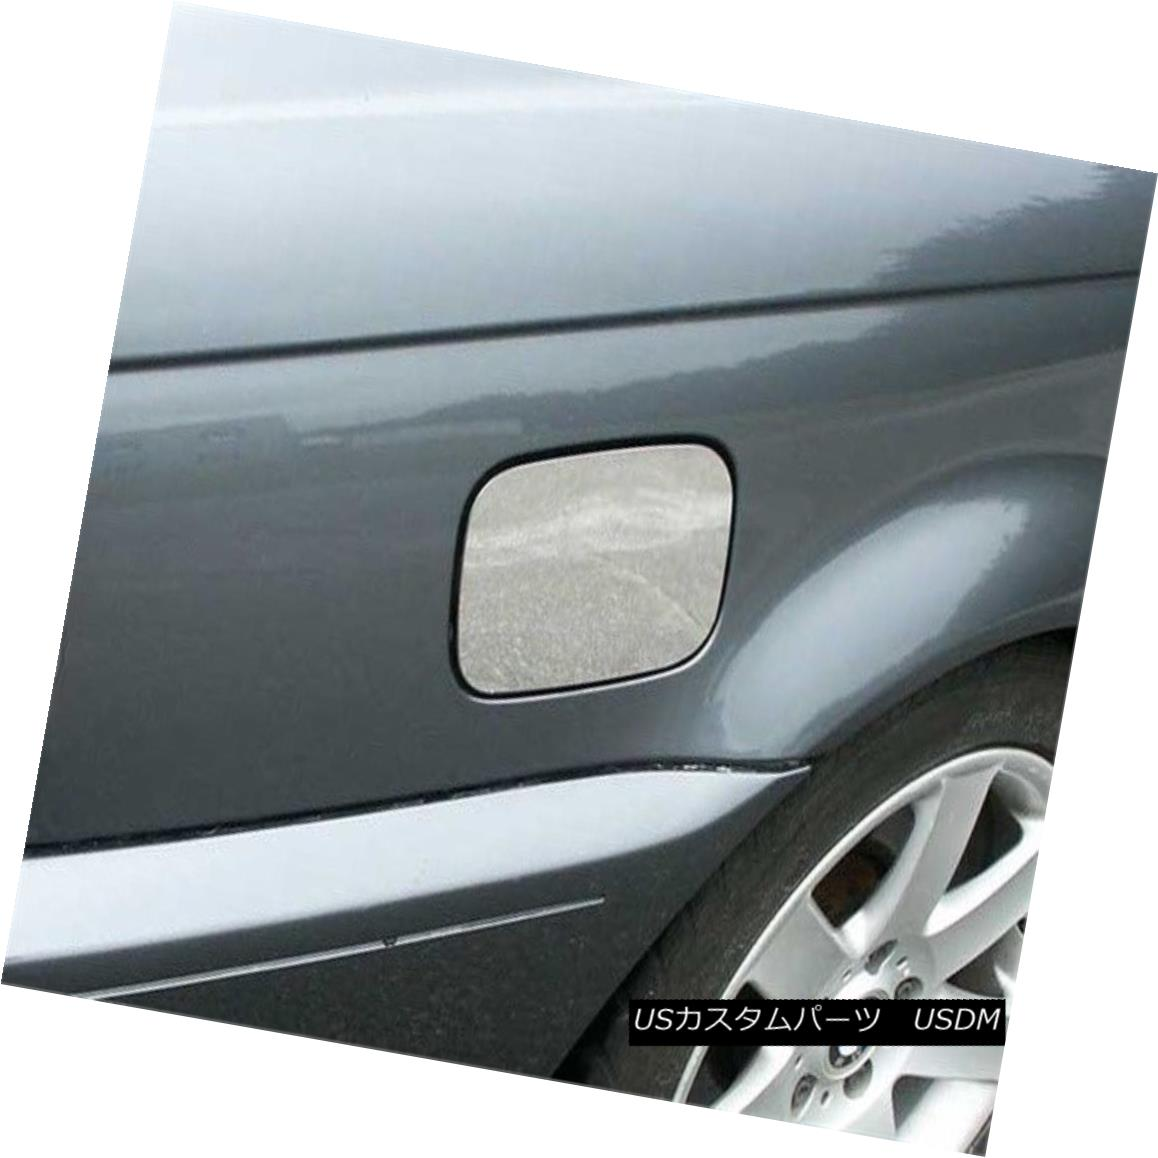 グリル Fits 2000-2005 BMW 3 SERIES 2-door, 325i Coupe -Stainless Steel GAS CAP DOOR 適合2000-2005 BMW 3シリーズ2ドア、325iクーペ - ステンレススチールガスCAP DOOR